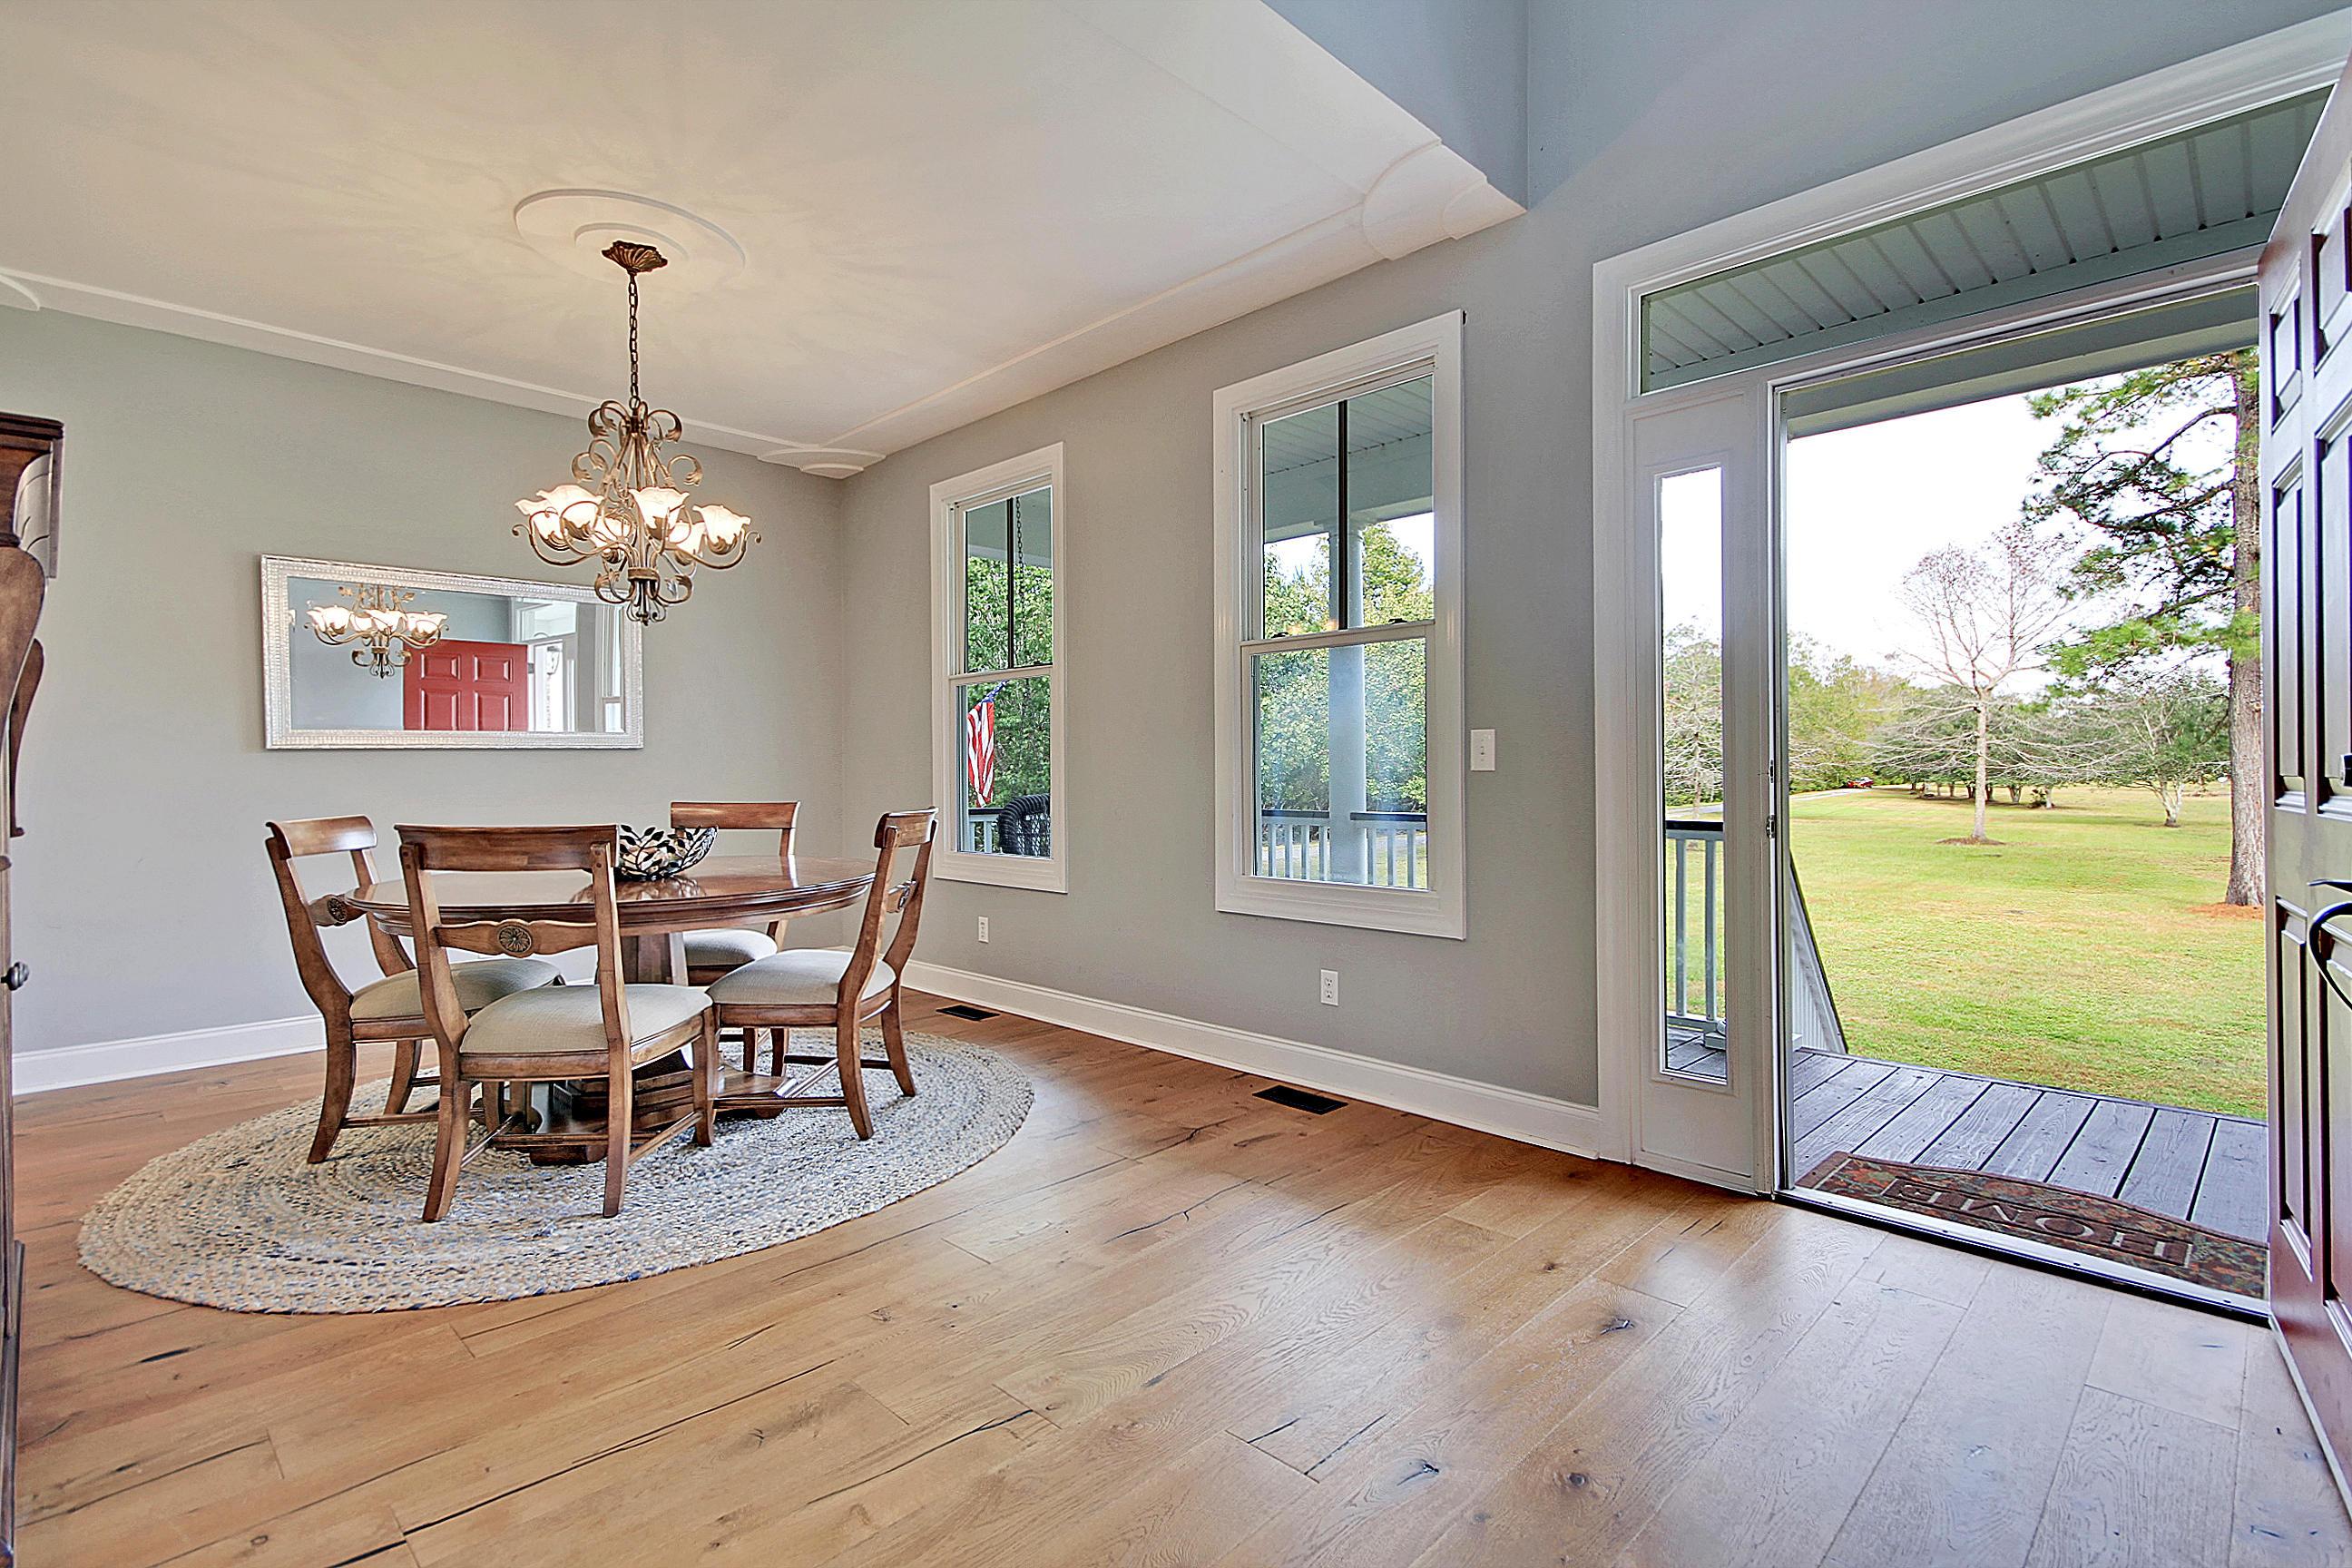 Bishop Farms Homes For Sale - 6125 Bay Pond, Ravenel, SC - 30